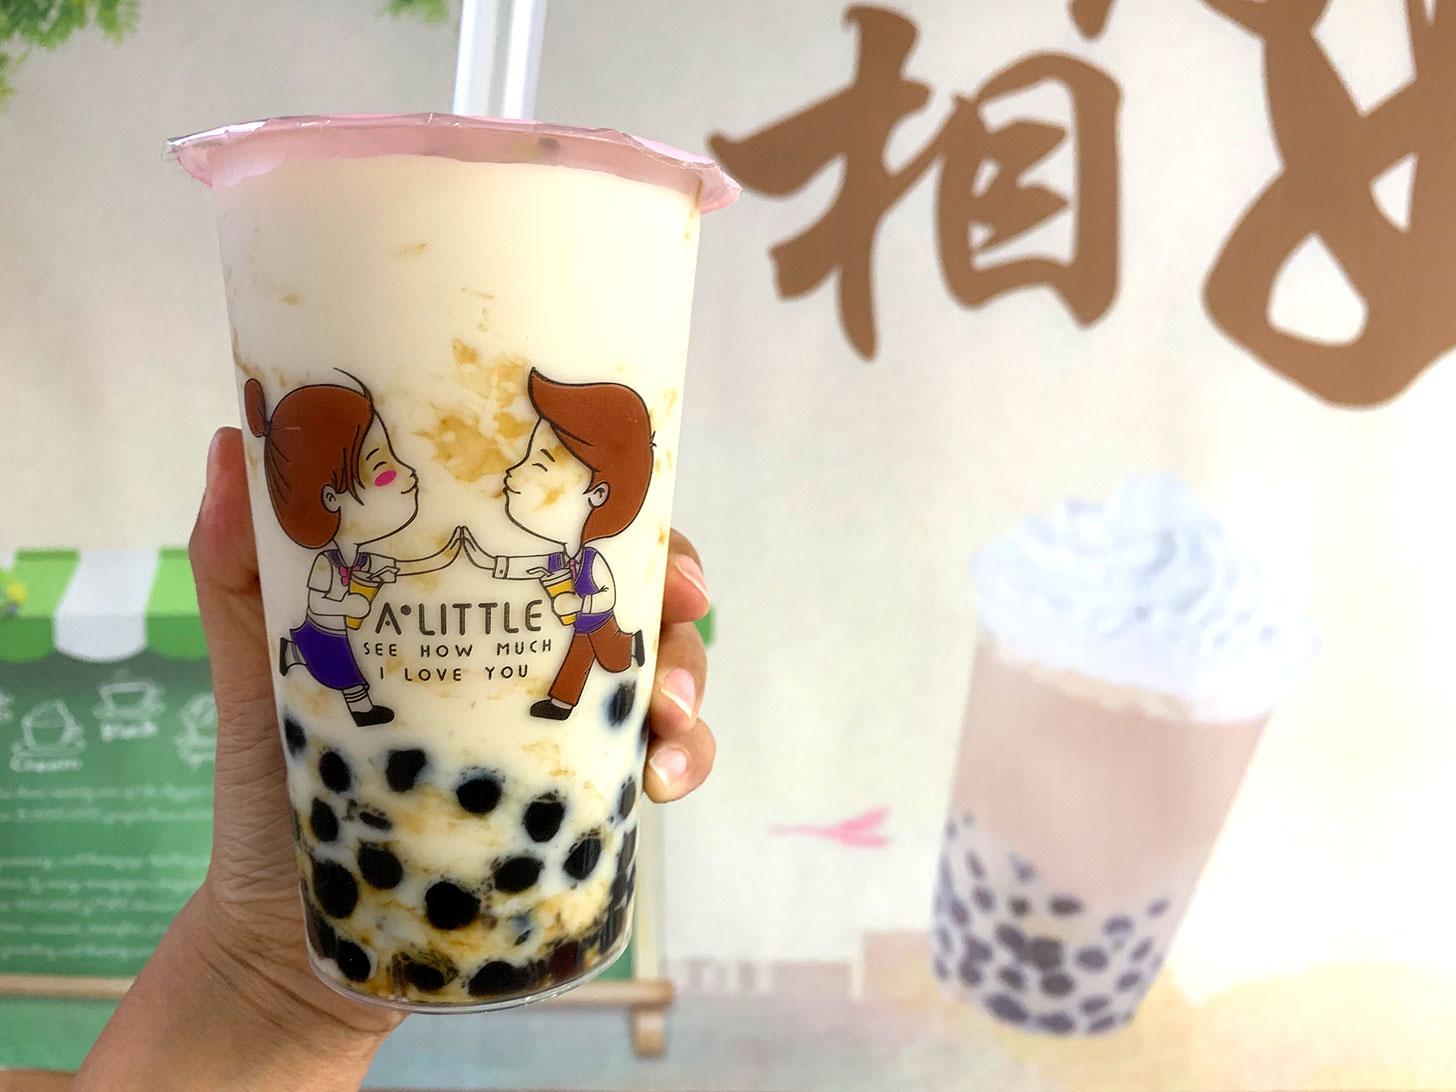 横浜中華街「アリトル」の黒糖タピオカミルクが可愛く黒糖強めで美味!台湾黒糖タピオカ専門店